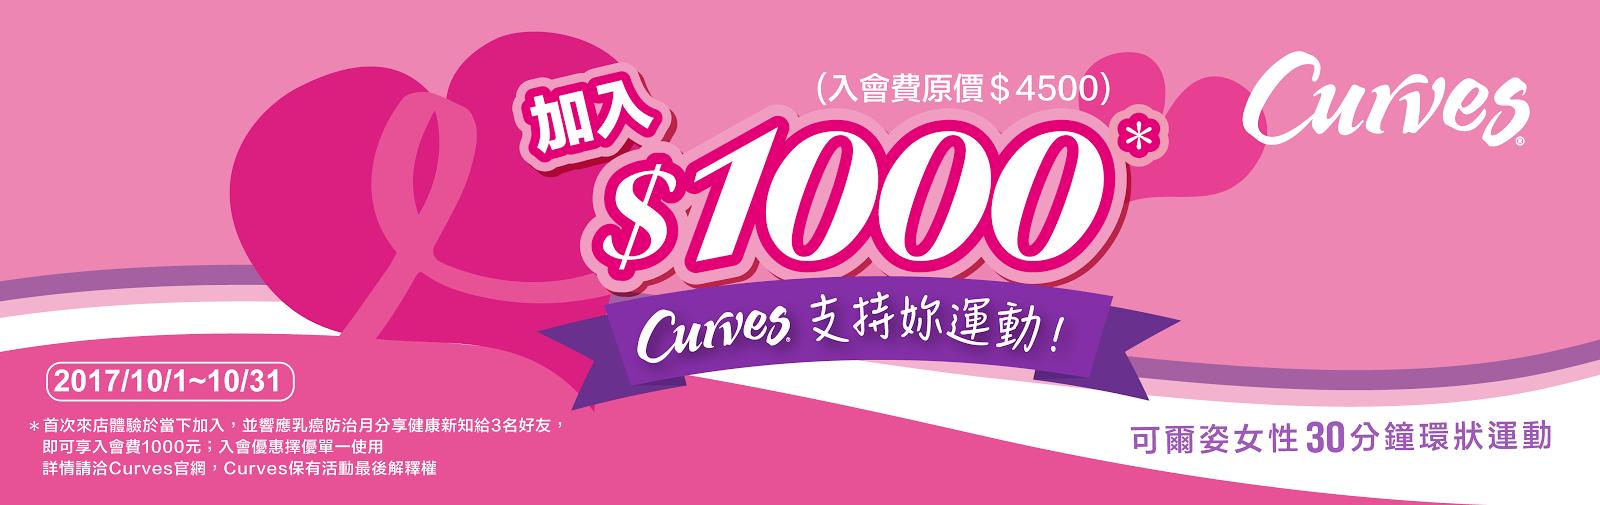 【蘆洲徐匯店】Curves 可爾姿女性30分鐘環狀運動